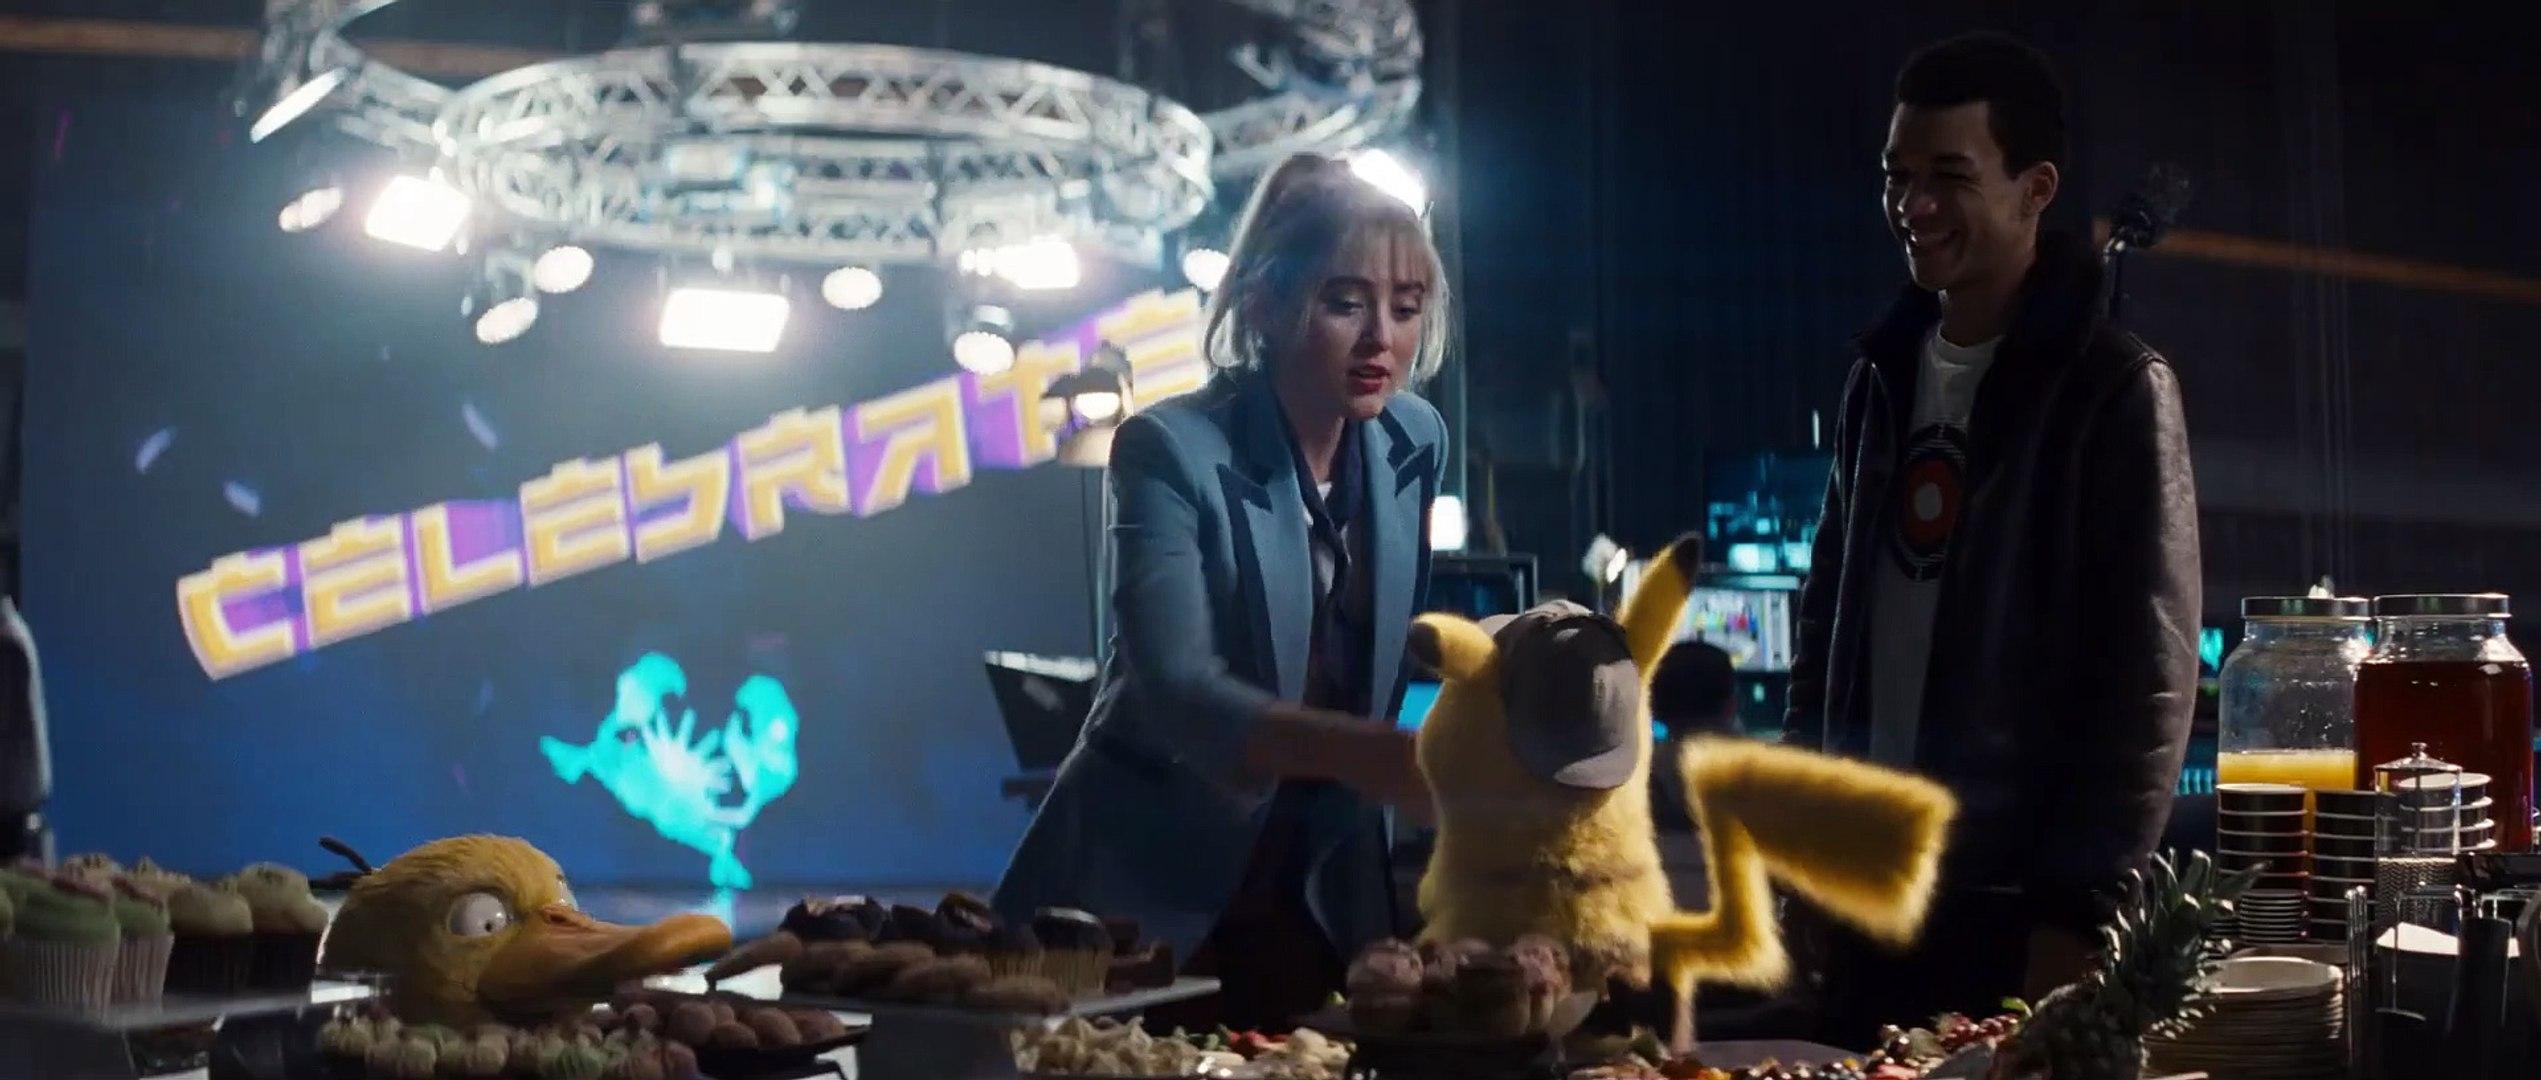 หนัง POKÉMON Detective Pikachu - Cute TV Spot (ซับไทย)